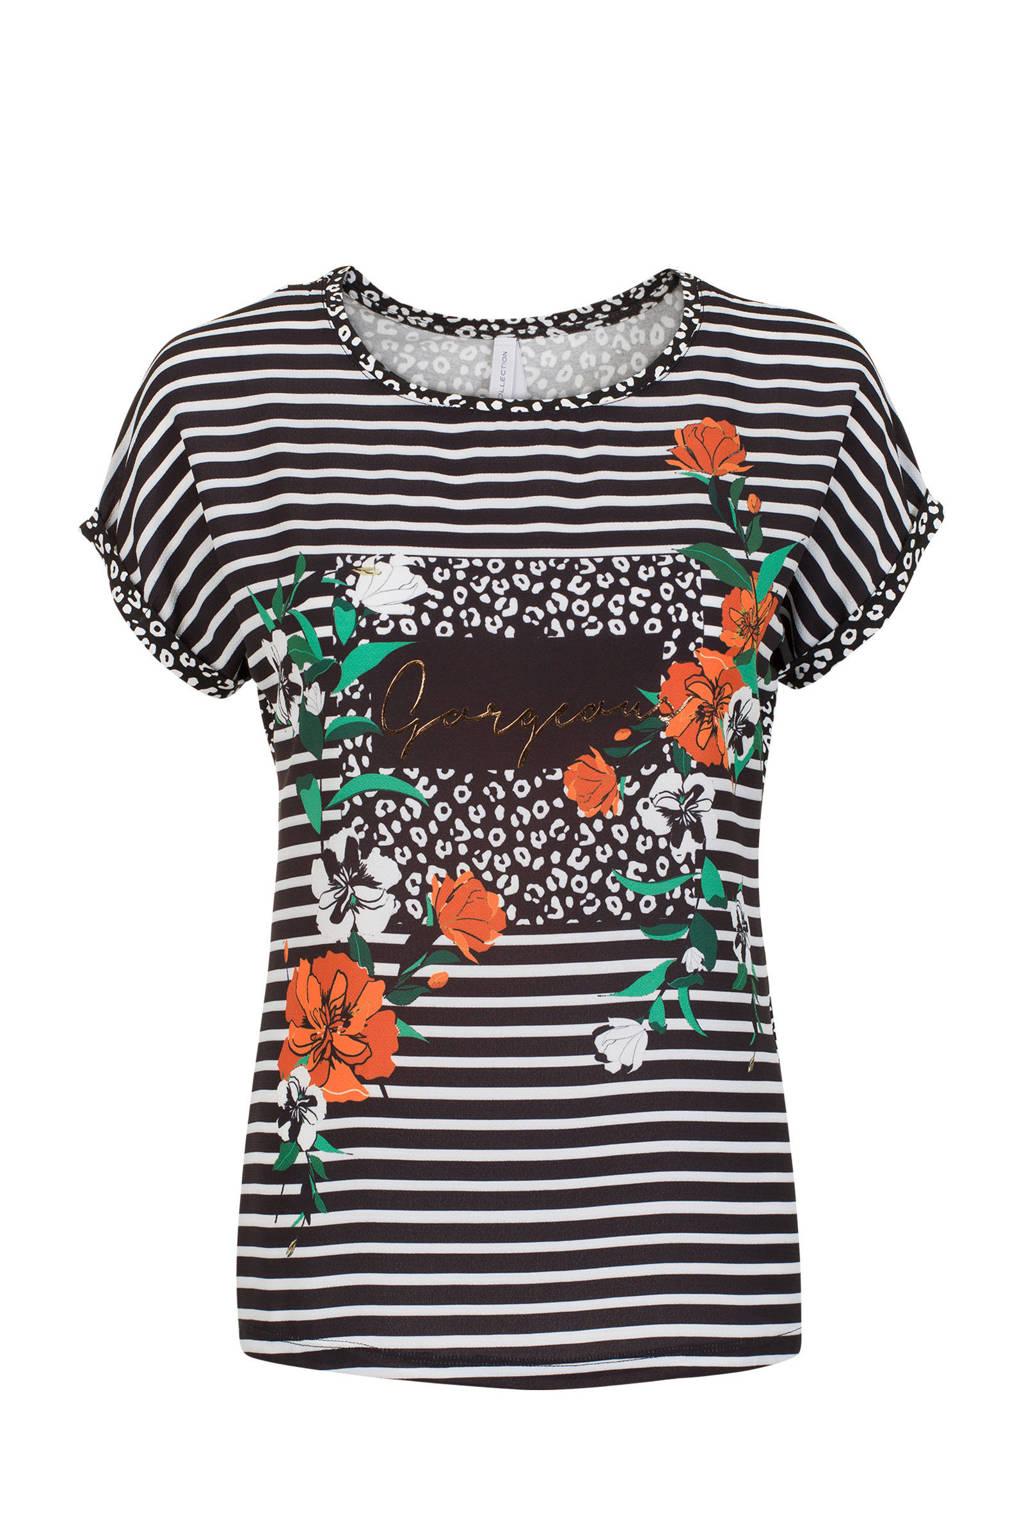 shirt Etamregulier T Zwart Miss Gestreept tnB7wHw48q